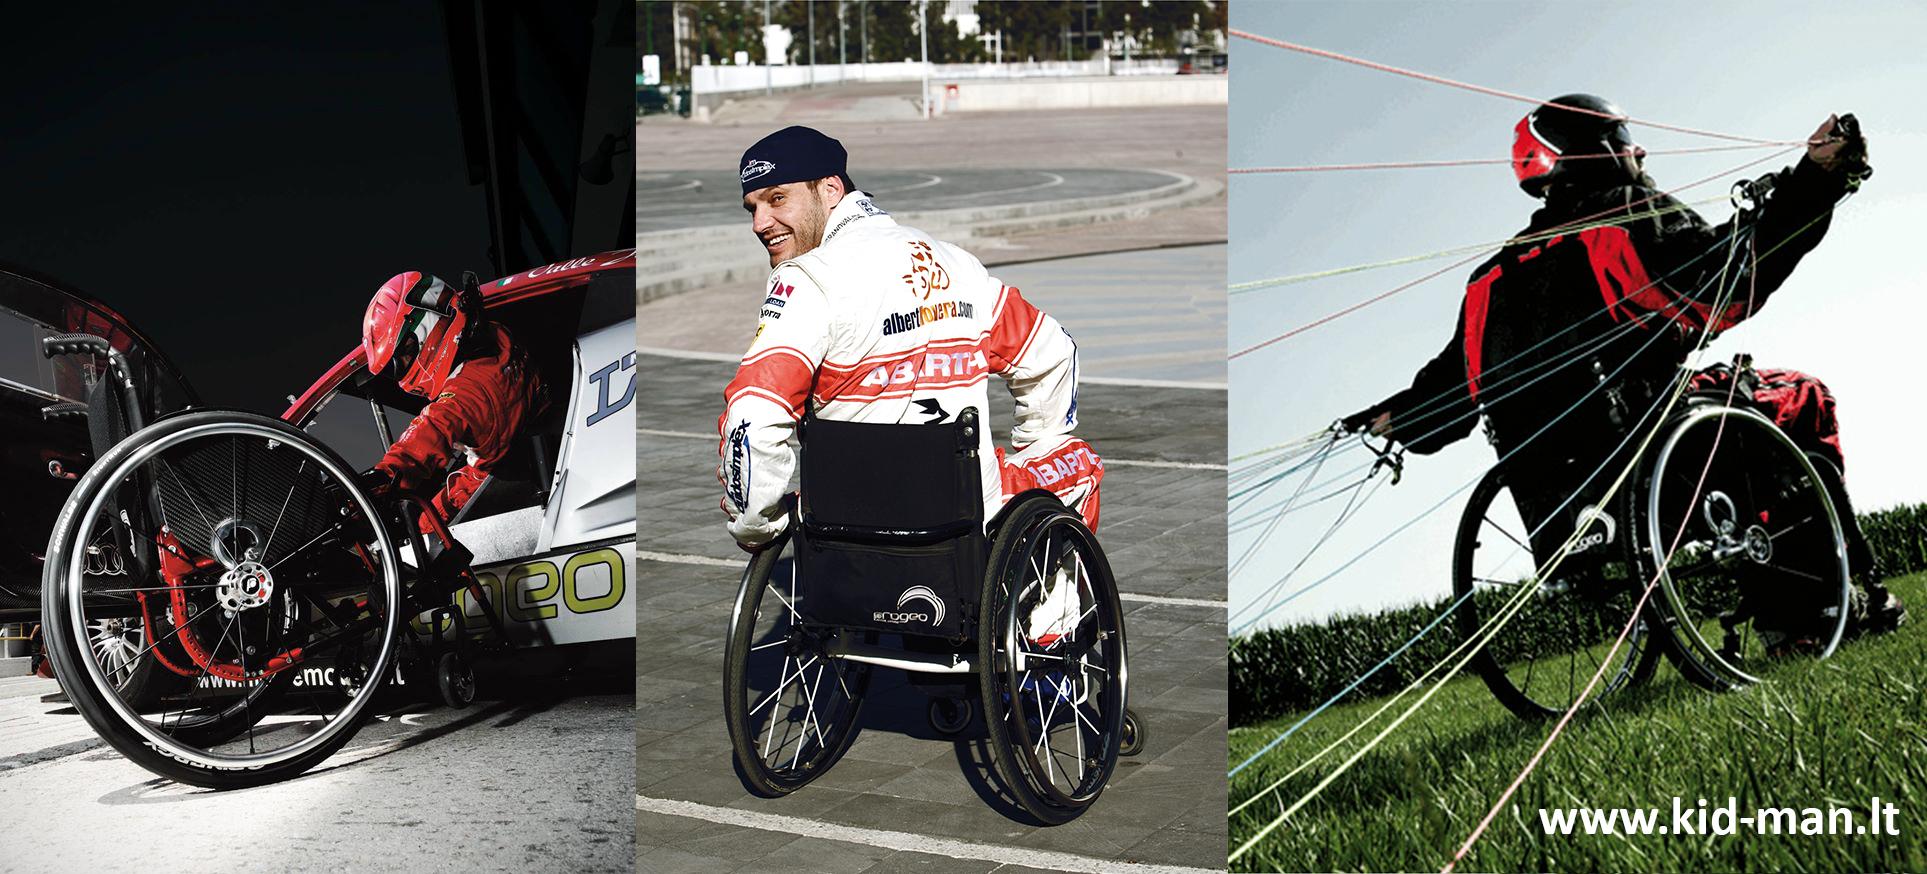 ar neįgaliųjų vežimėlių naudotojai turi erekciją?